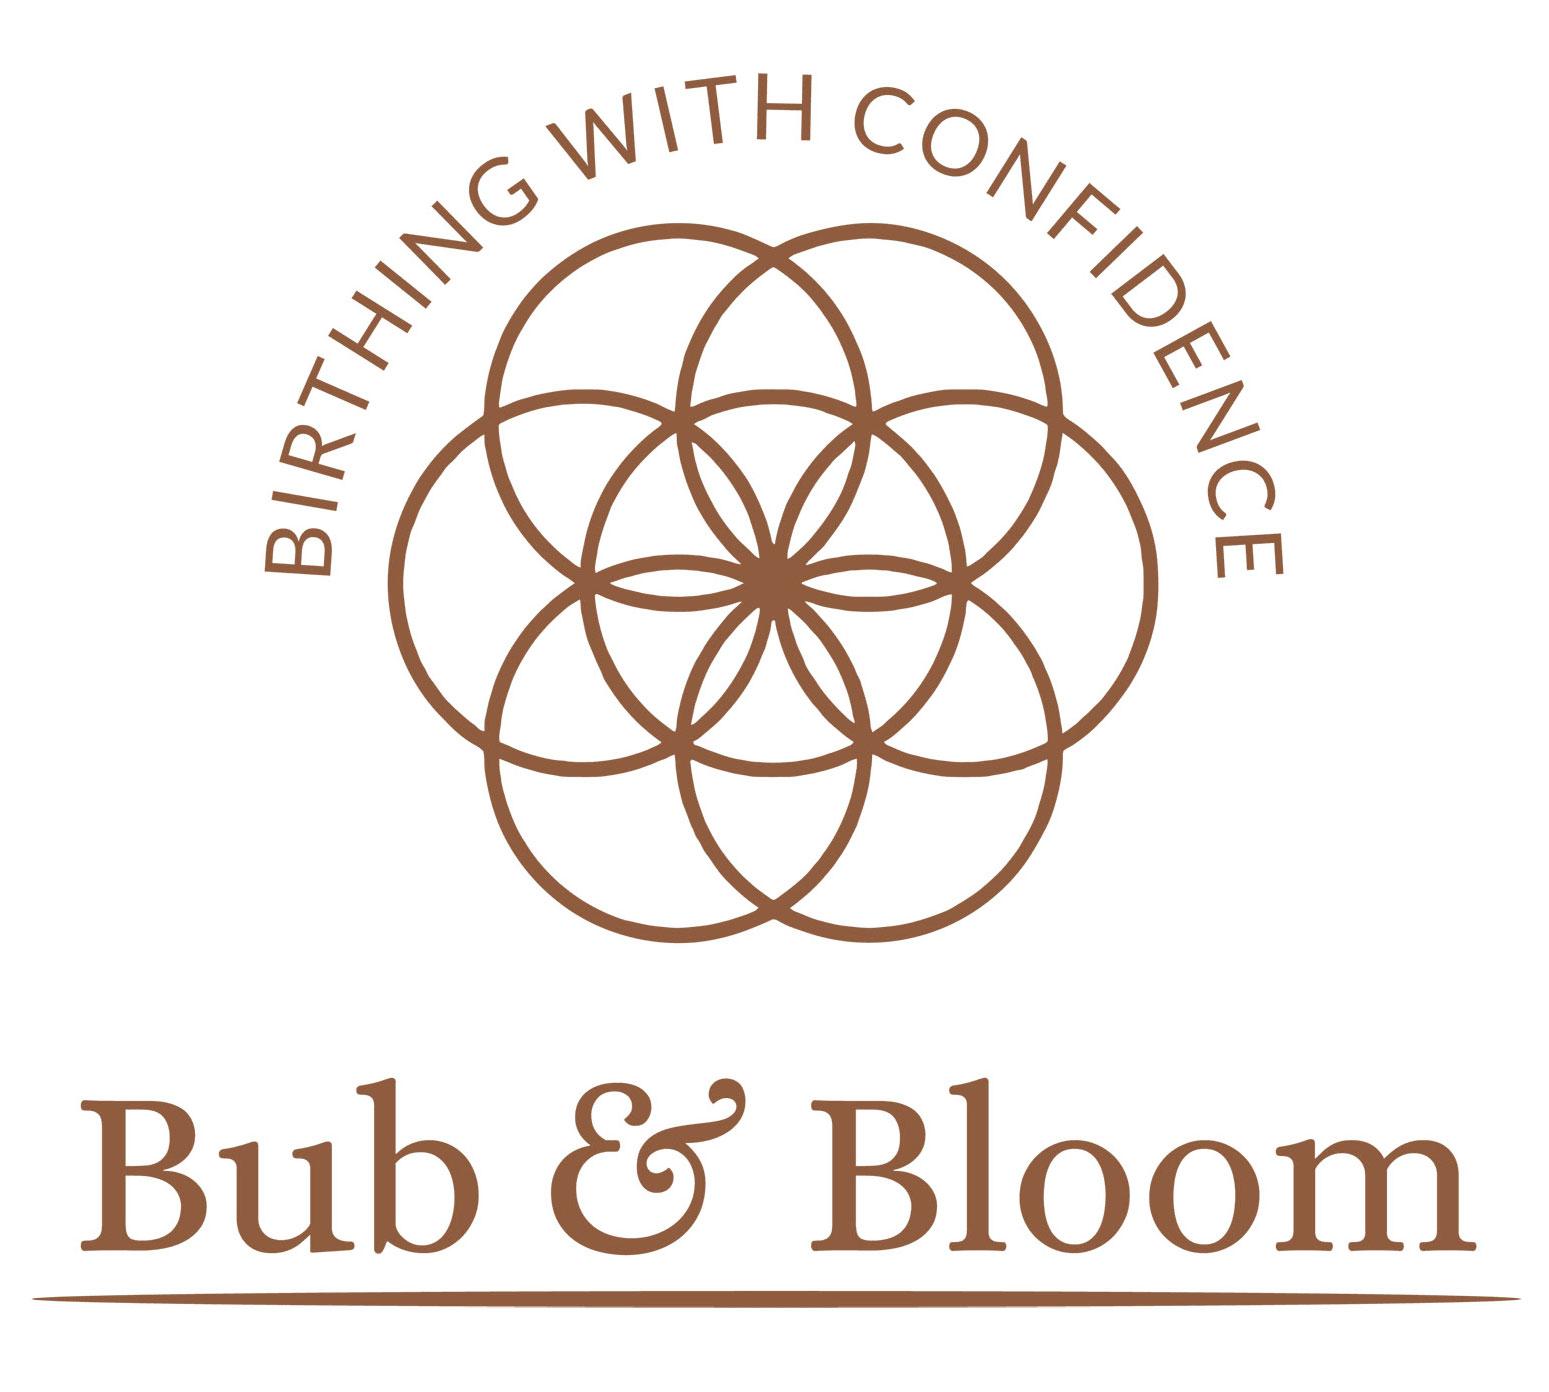 Bub & Bloom